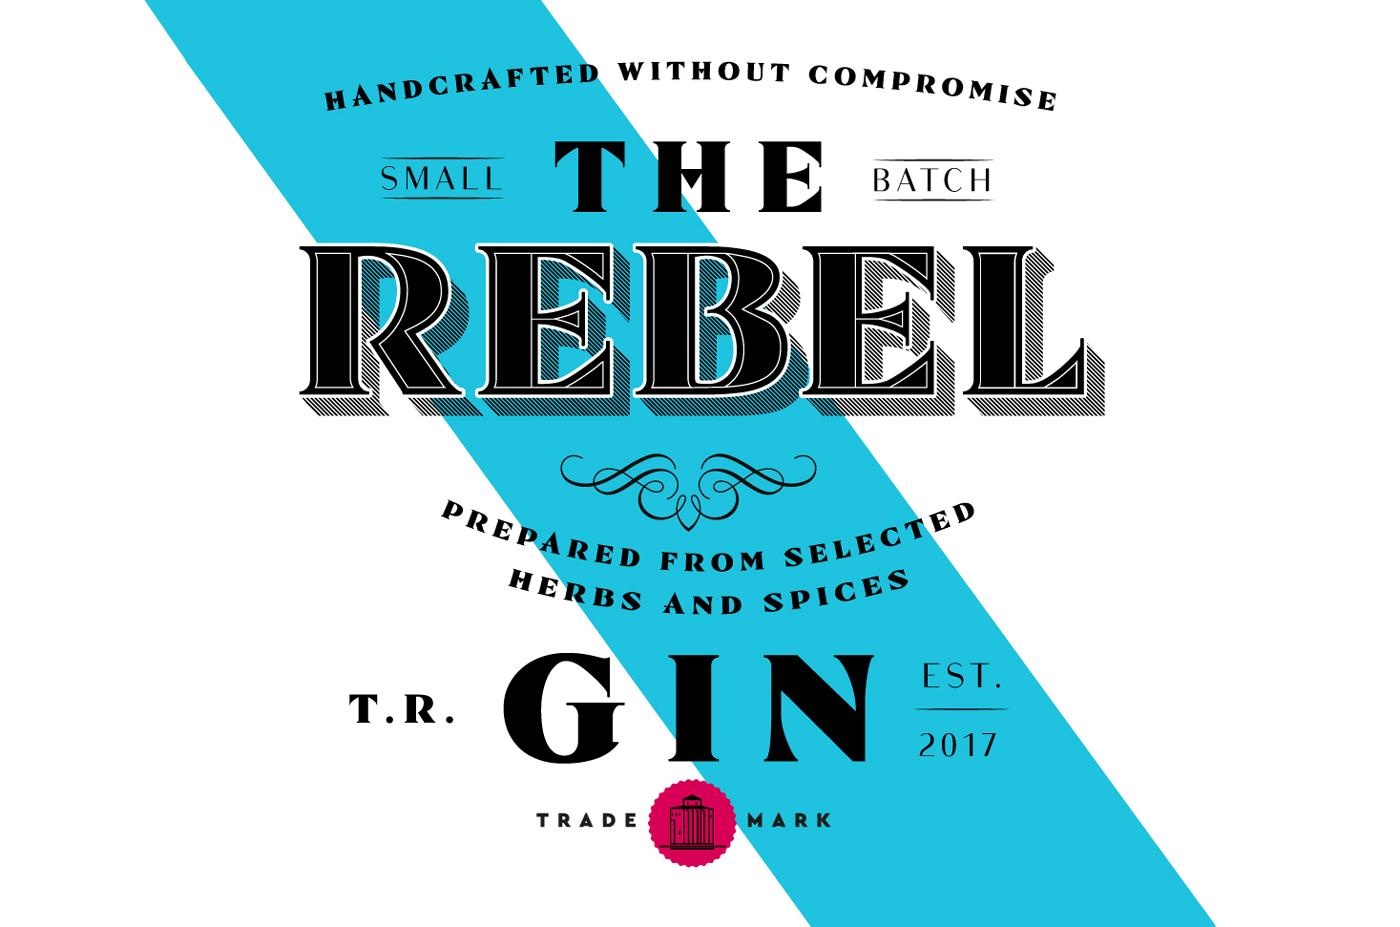 gin_rebel_maraska_9-dizajn-studio-sudar-zagreb